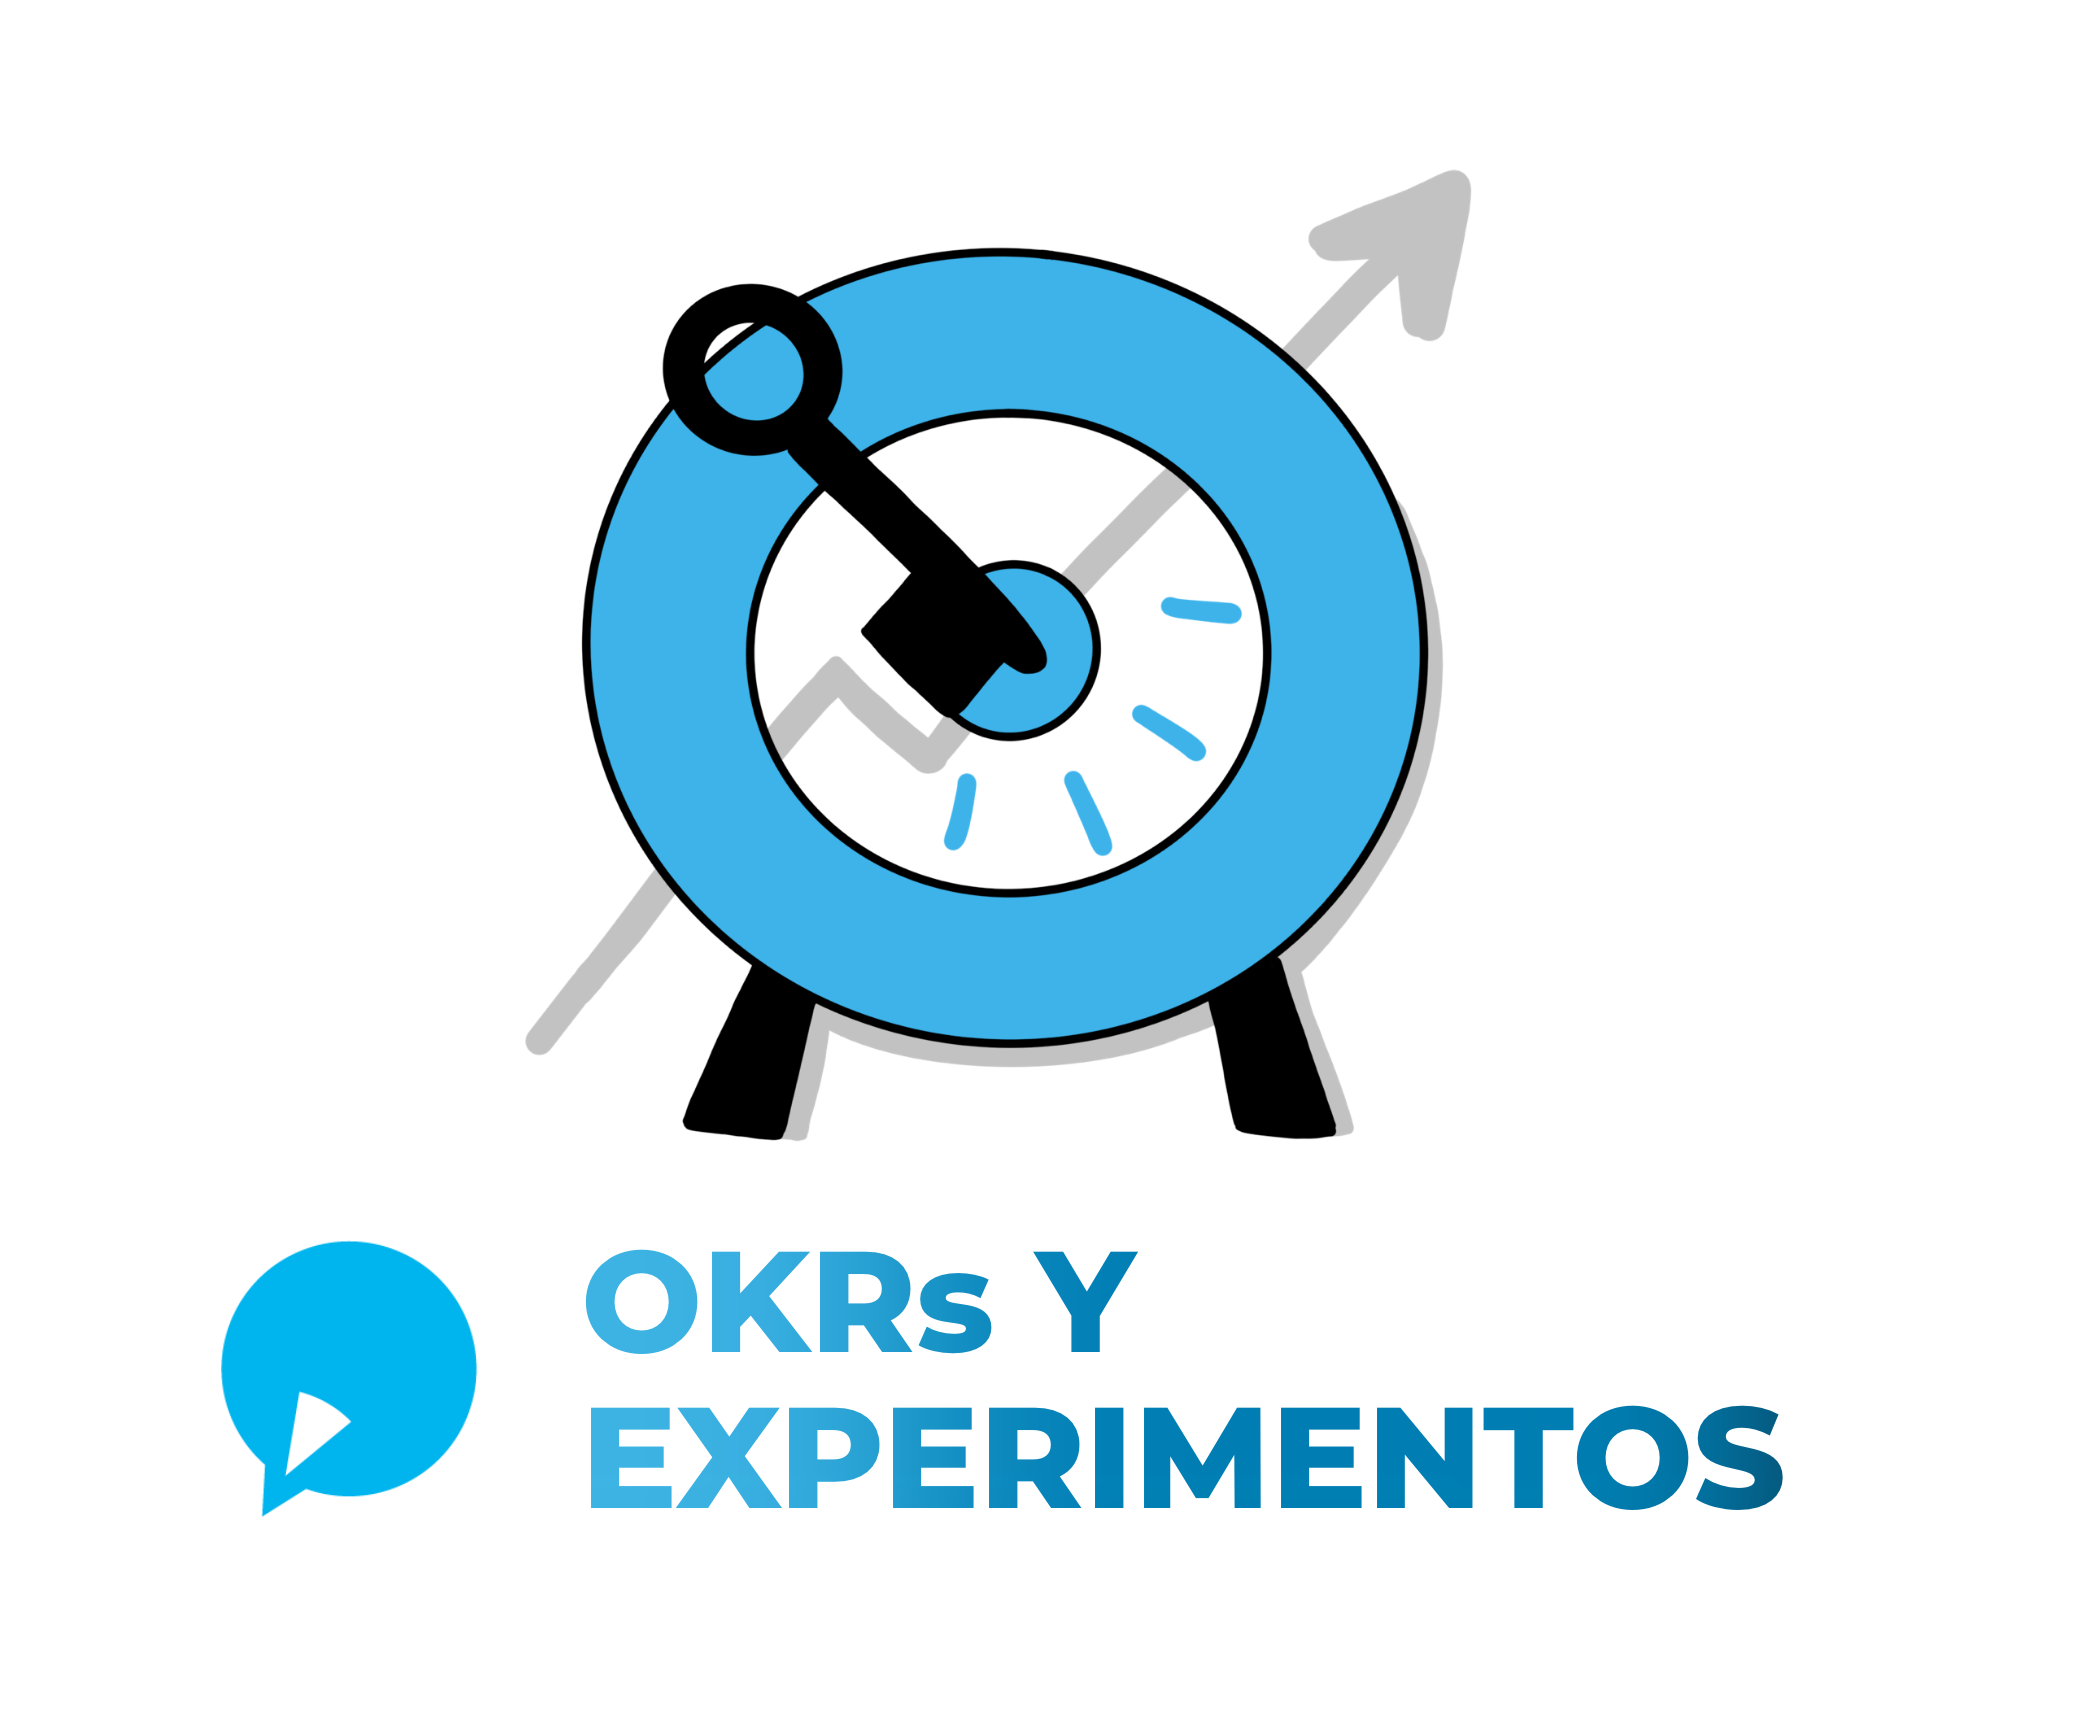 OKRs y Experimentos